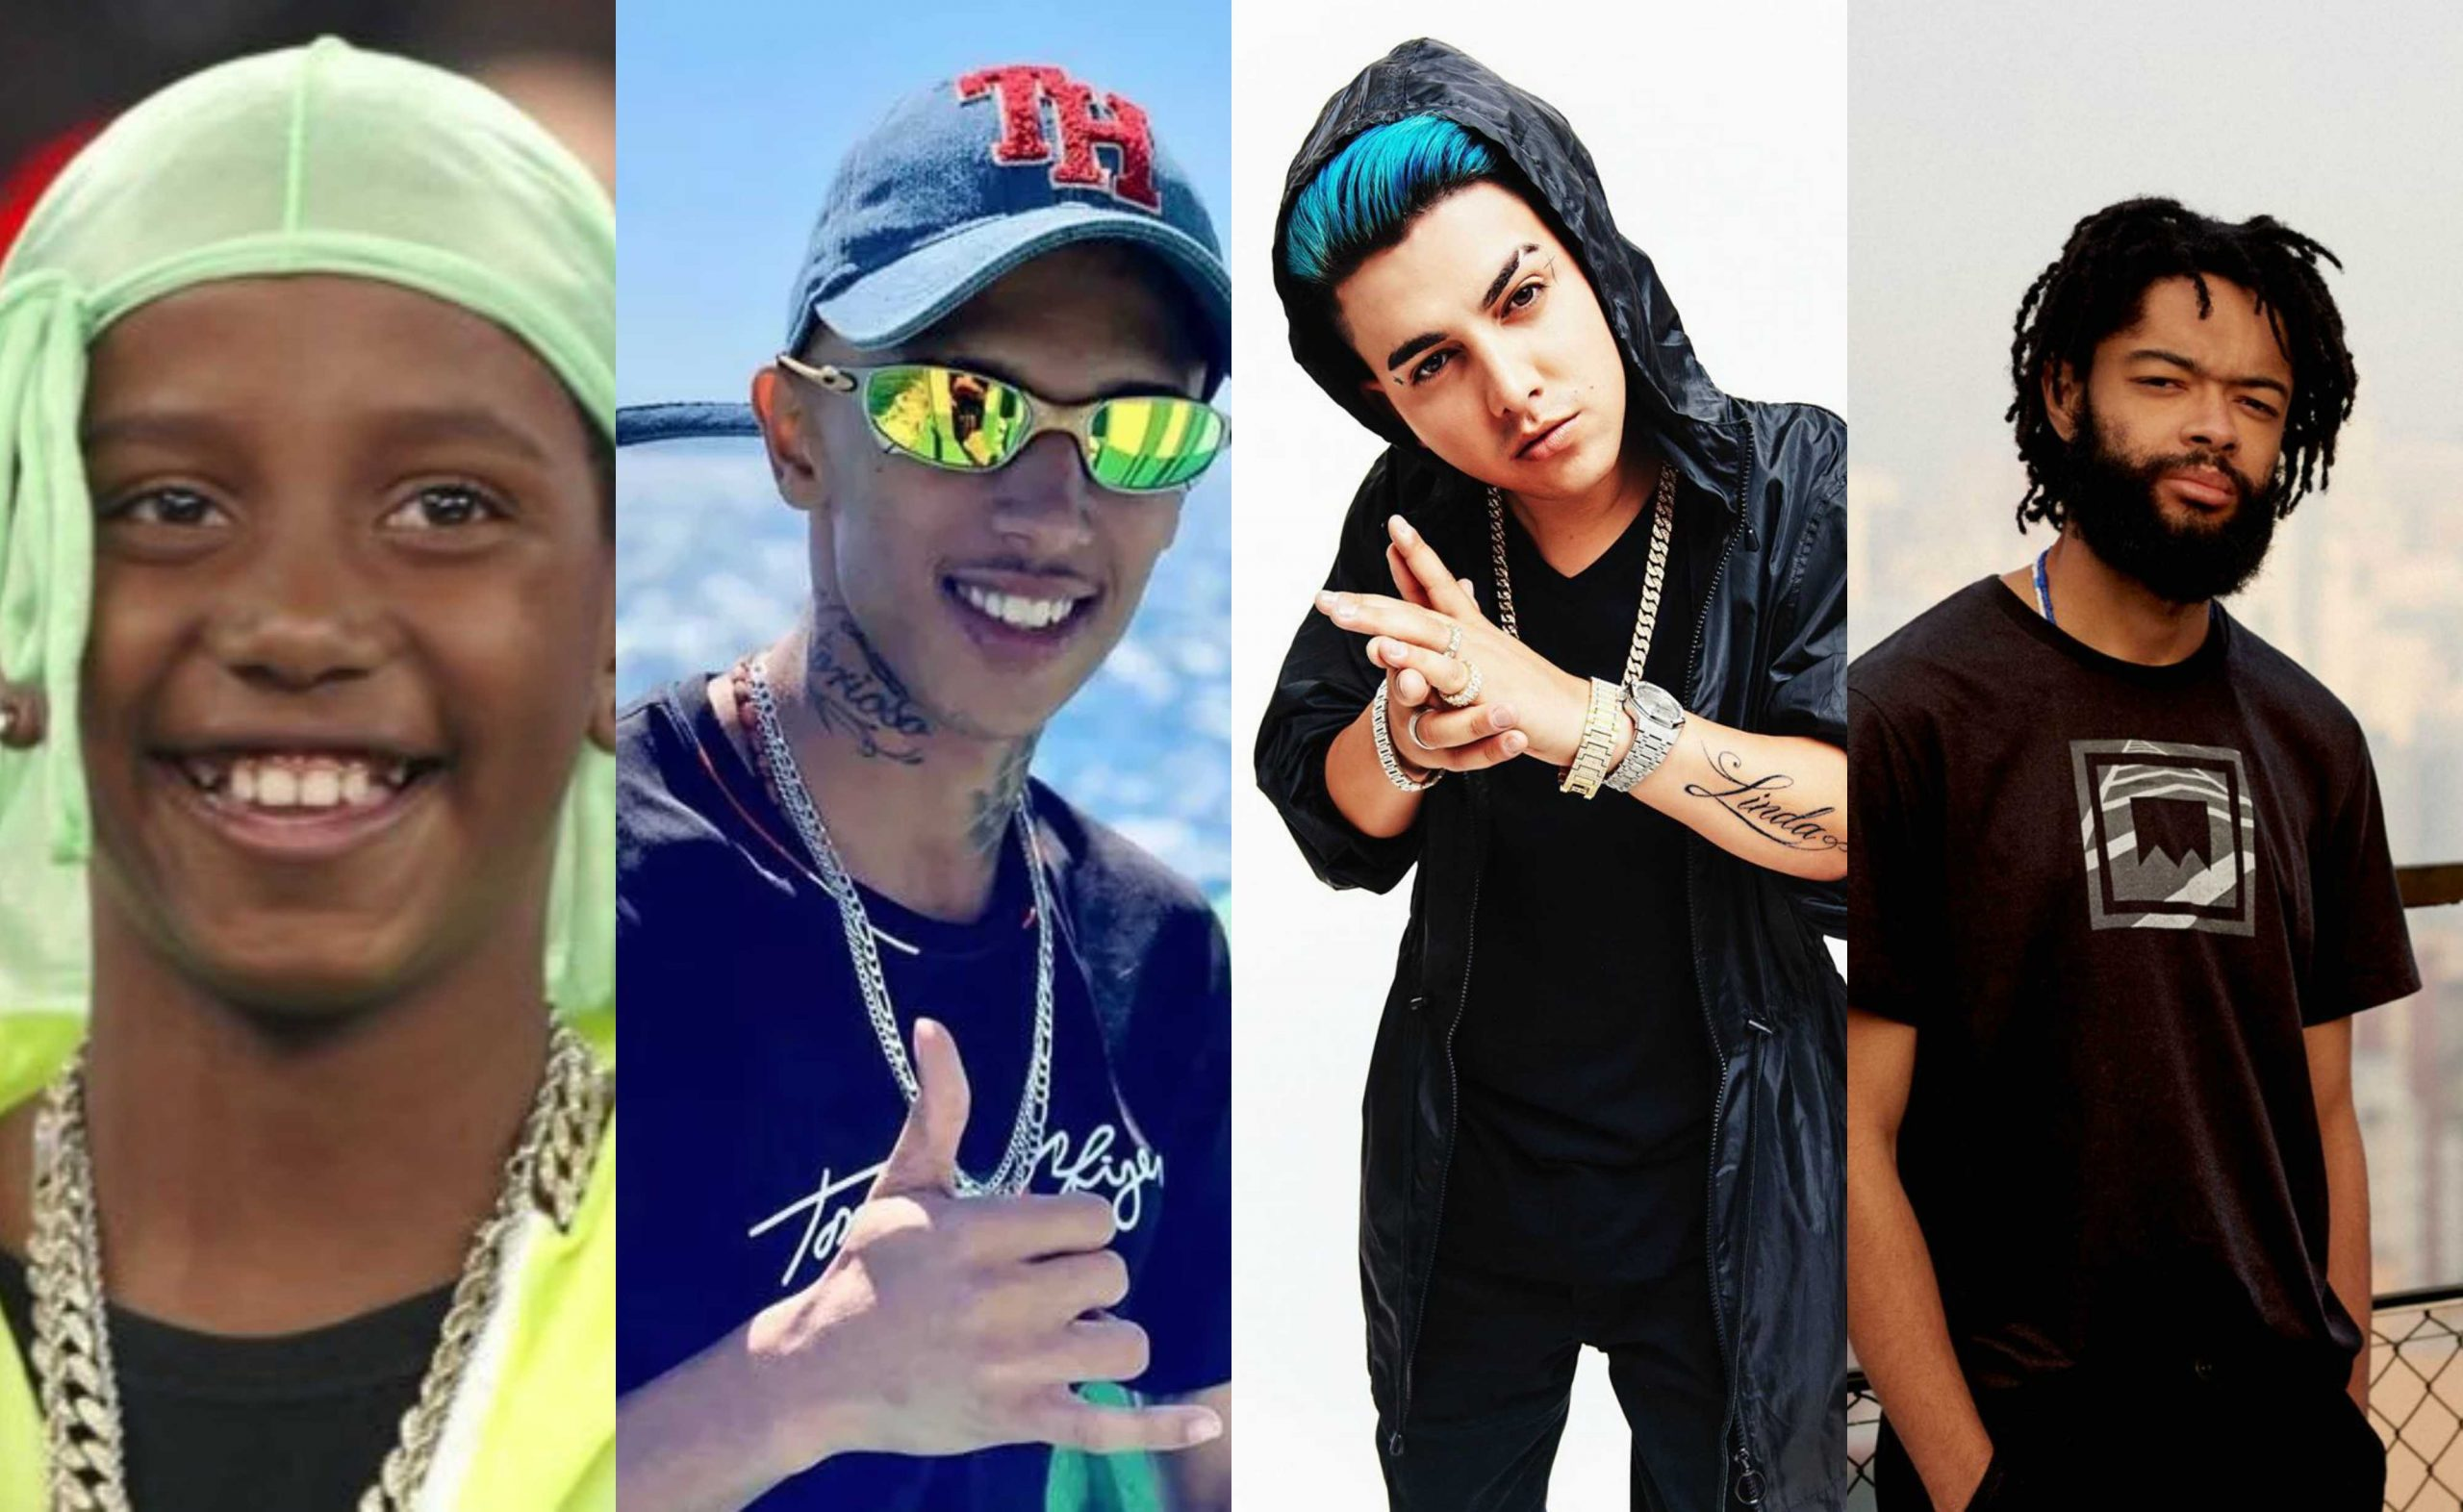 Caverinha e MC Kaverinha, MC Fioti e Fióti… conheça xarás do funk e do rap